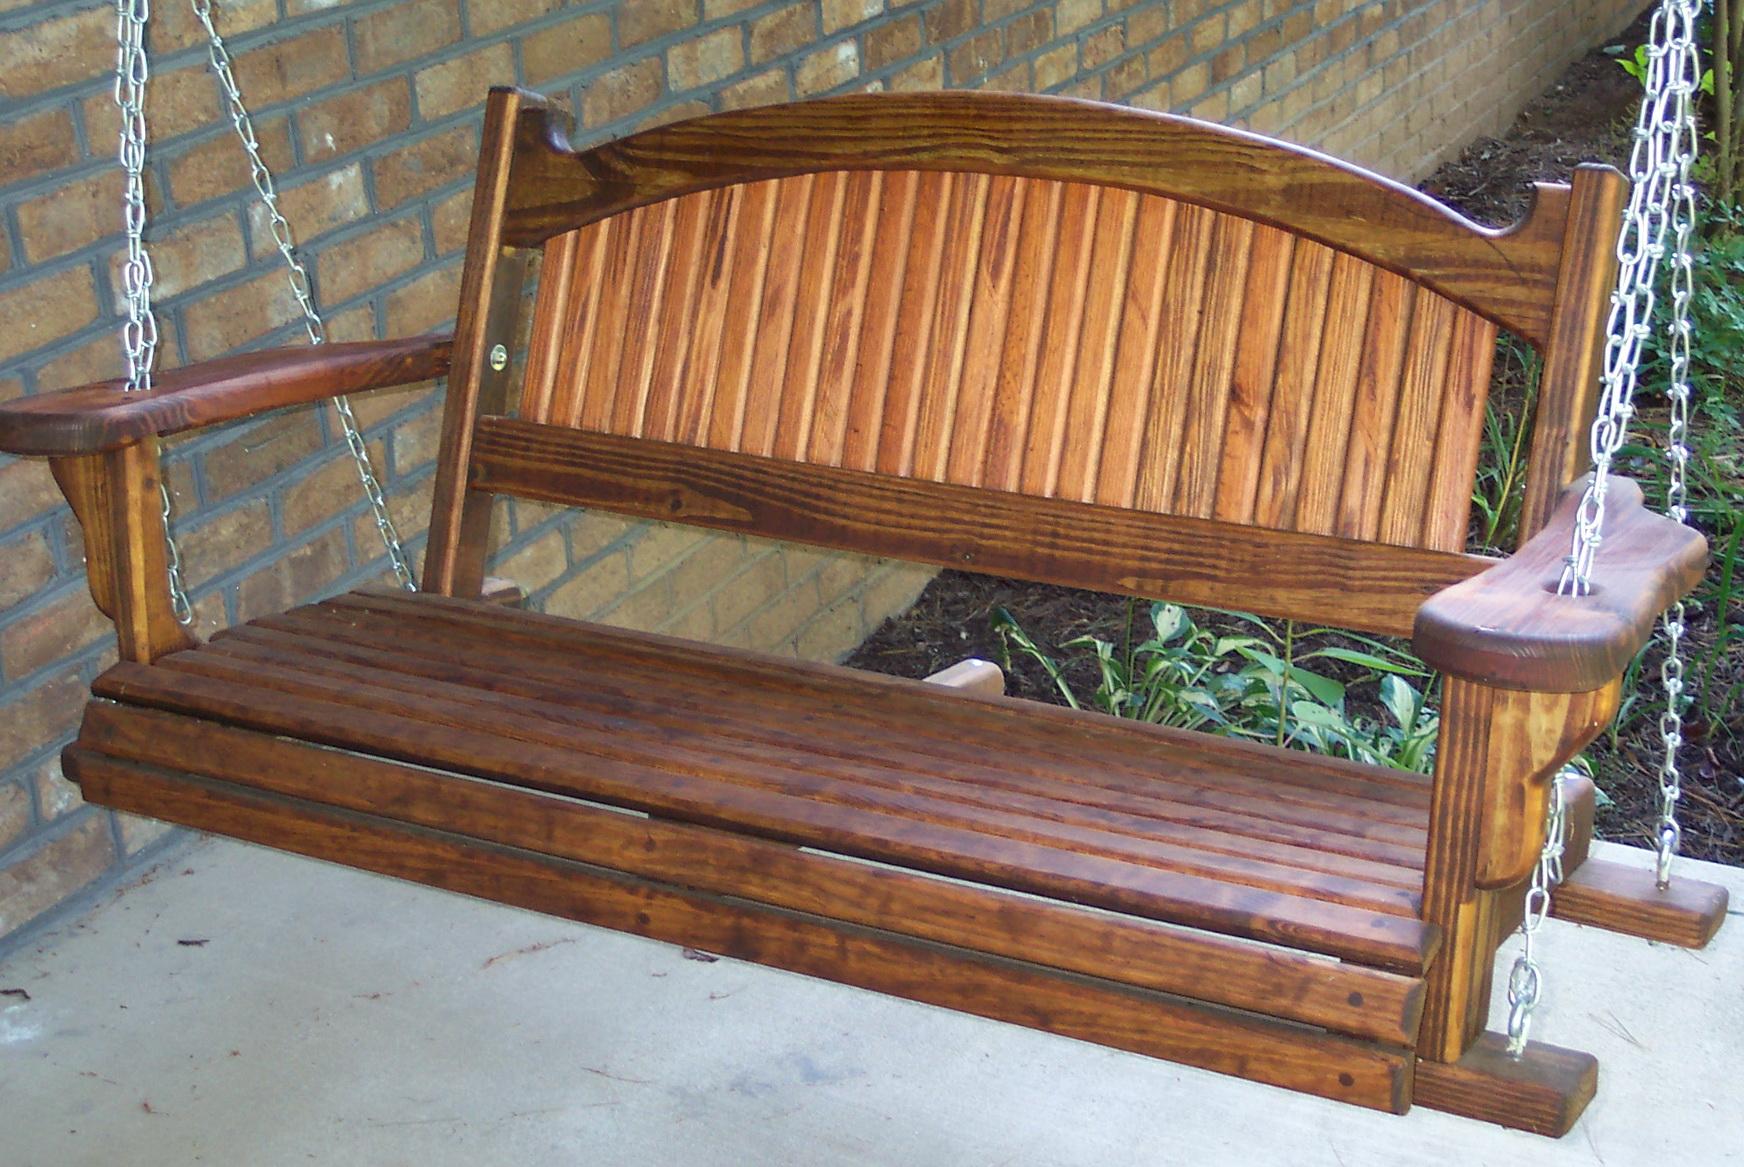 Porch Swing Plans Pdf